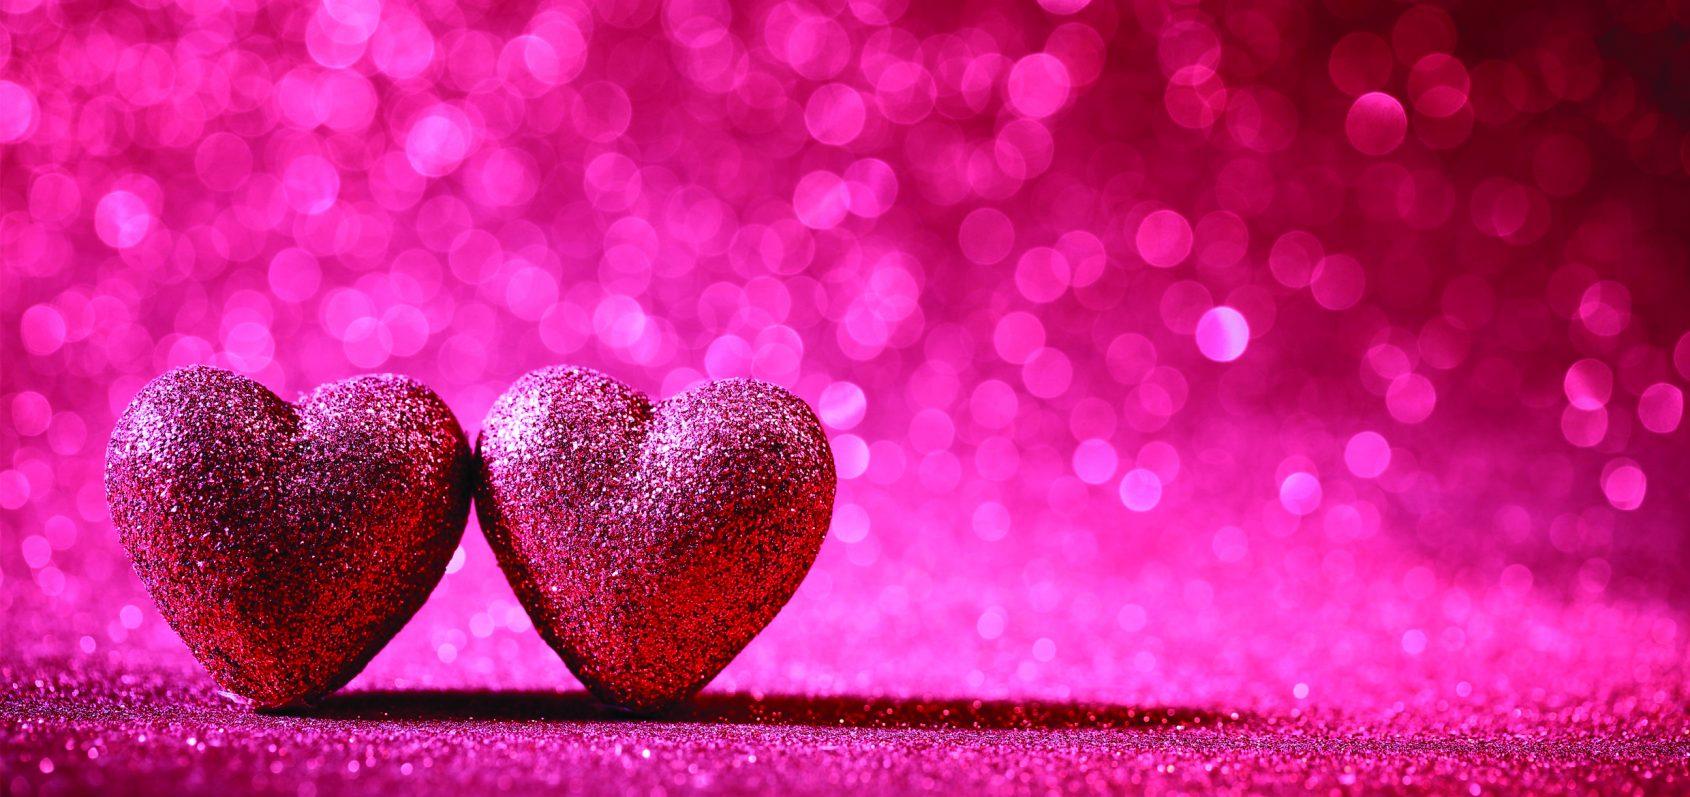 Valentín 2020 darčekový poukaz wellness masáže večera hotel tenis